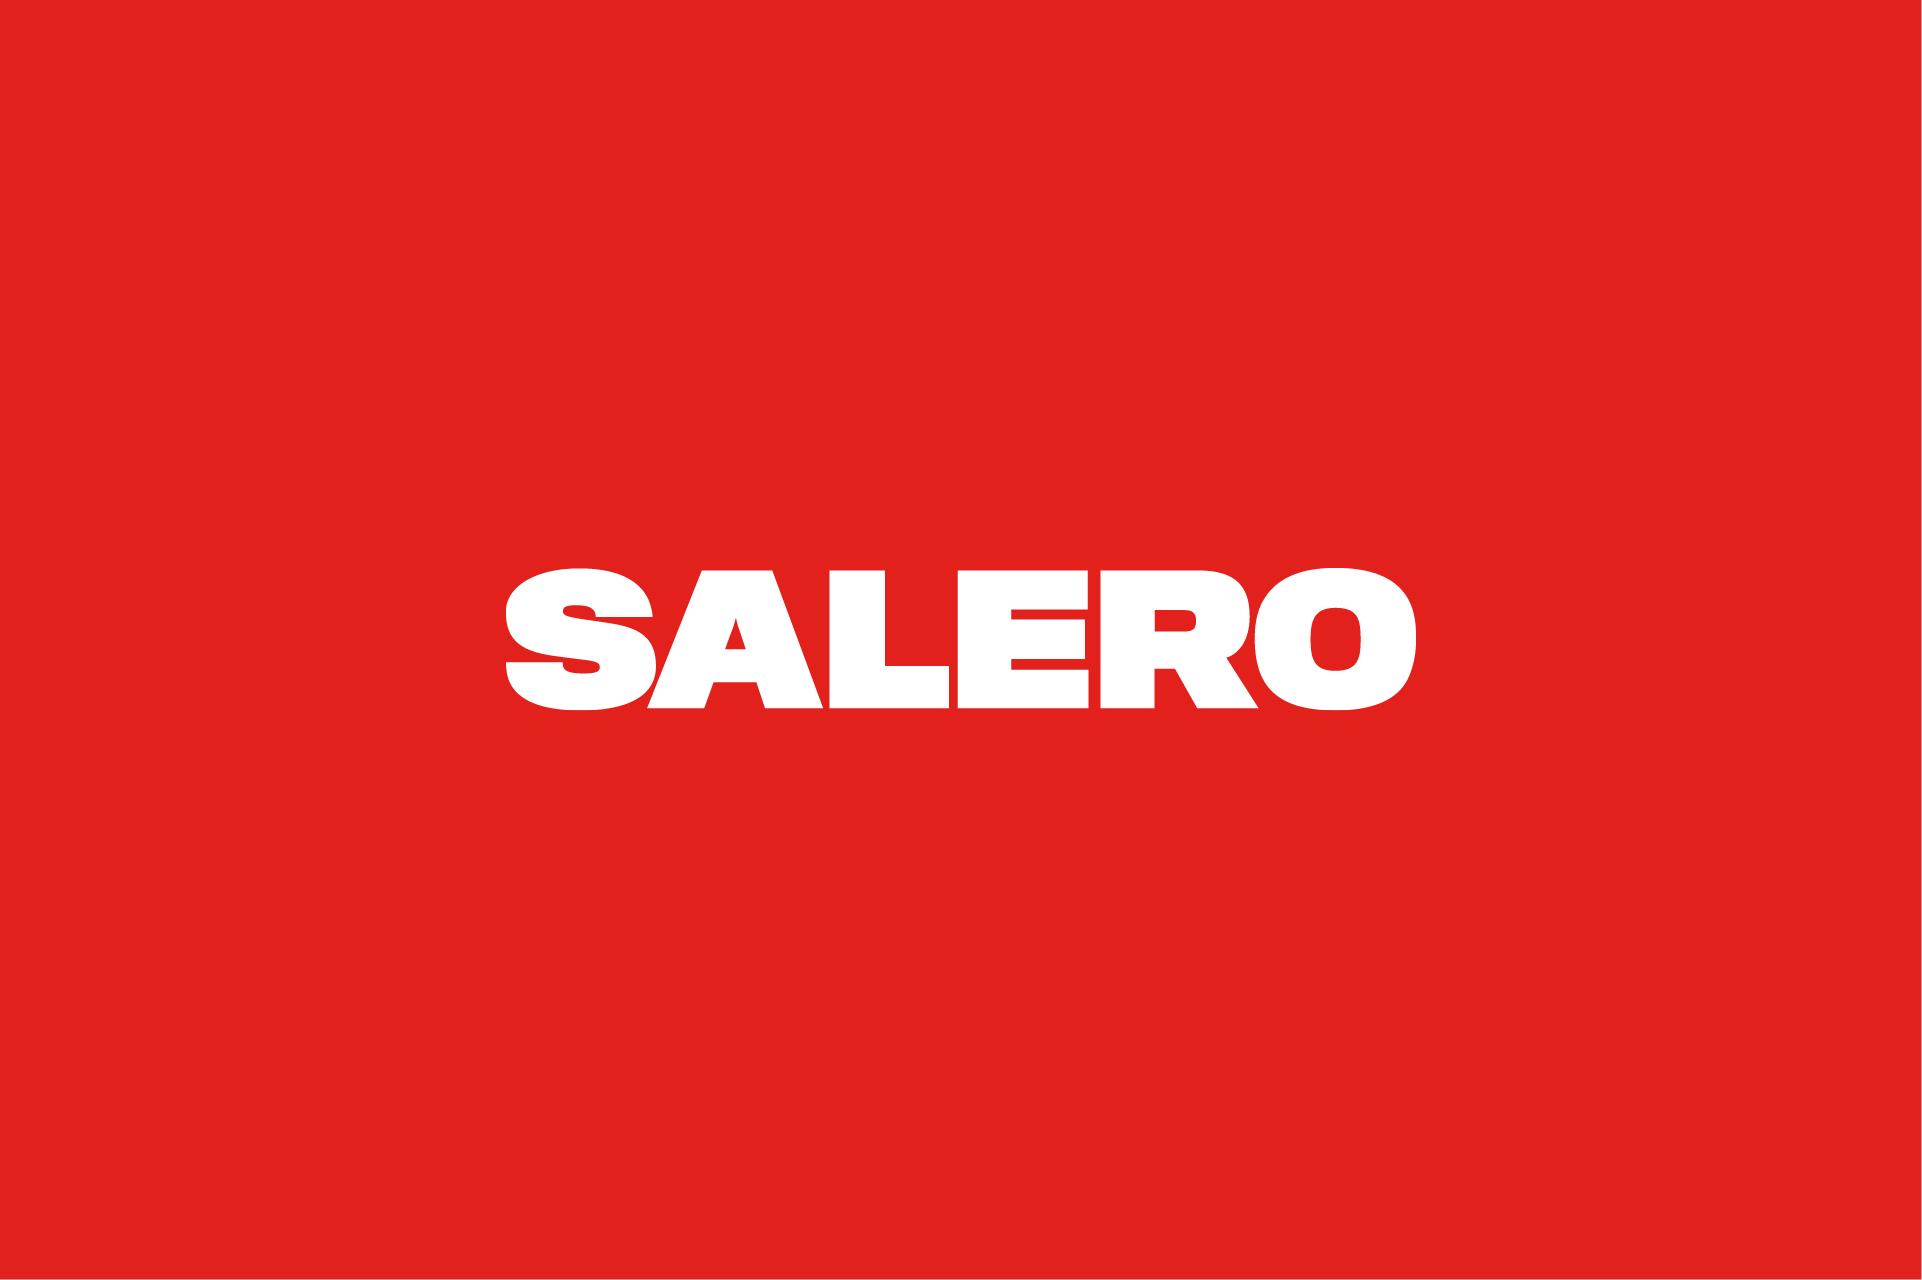 Salero